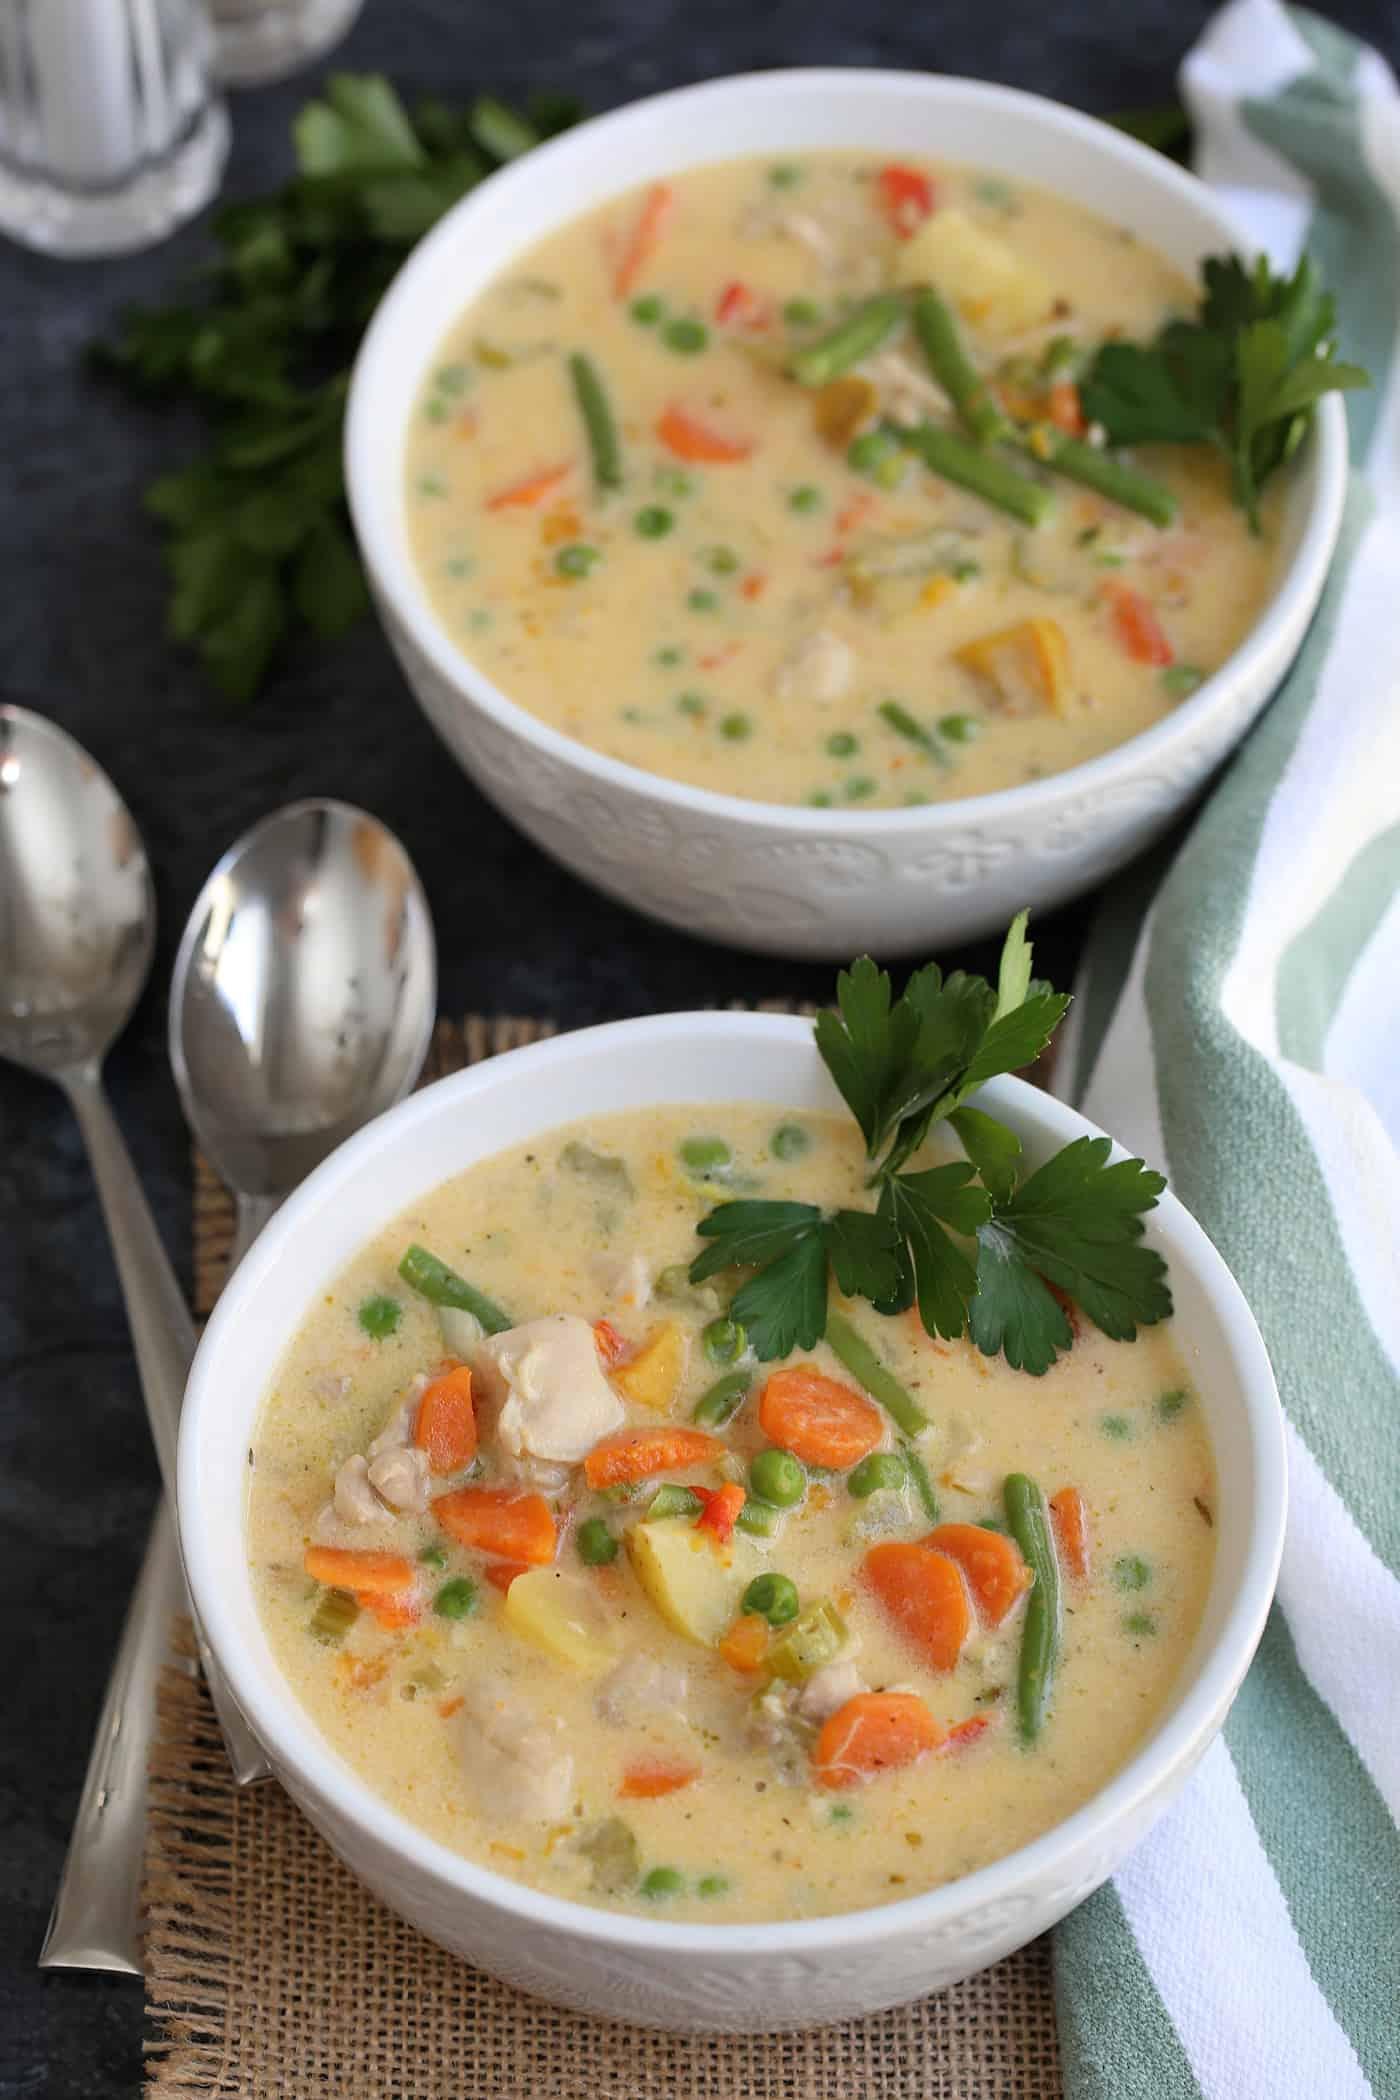 creamy chicken stew in bowls